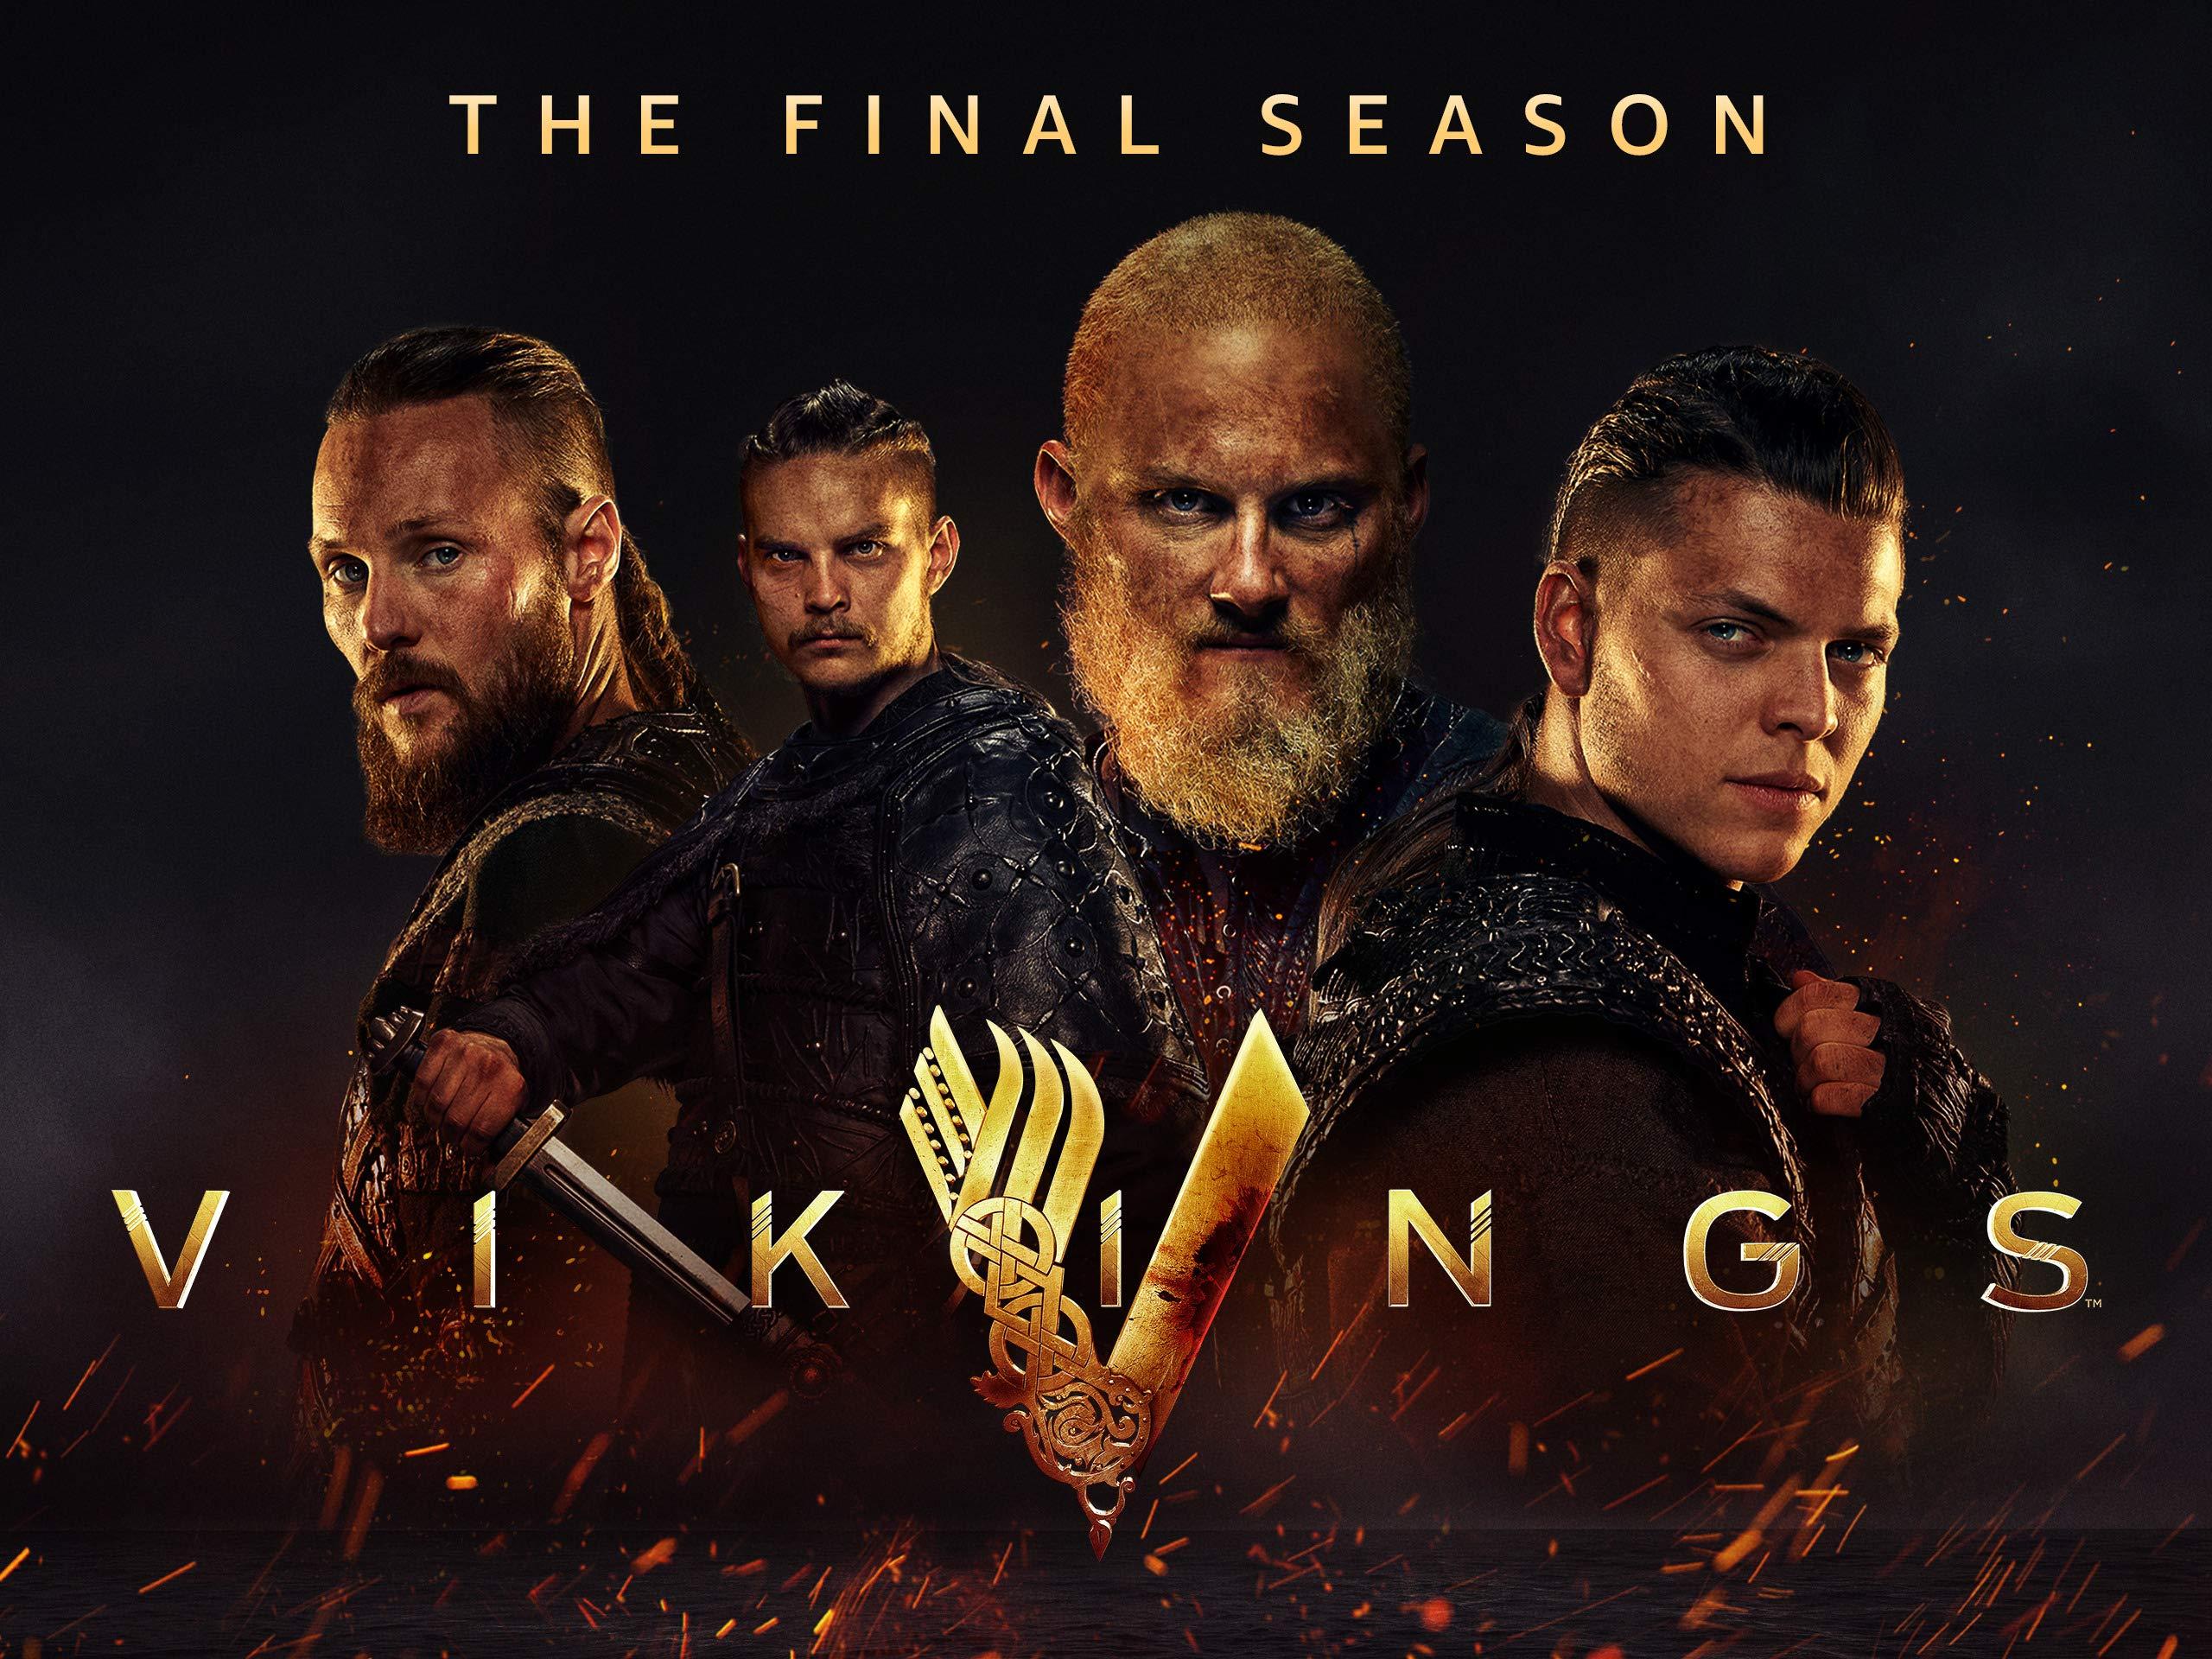 Vikings Series Telegram Group Link